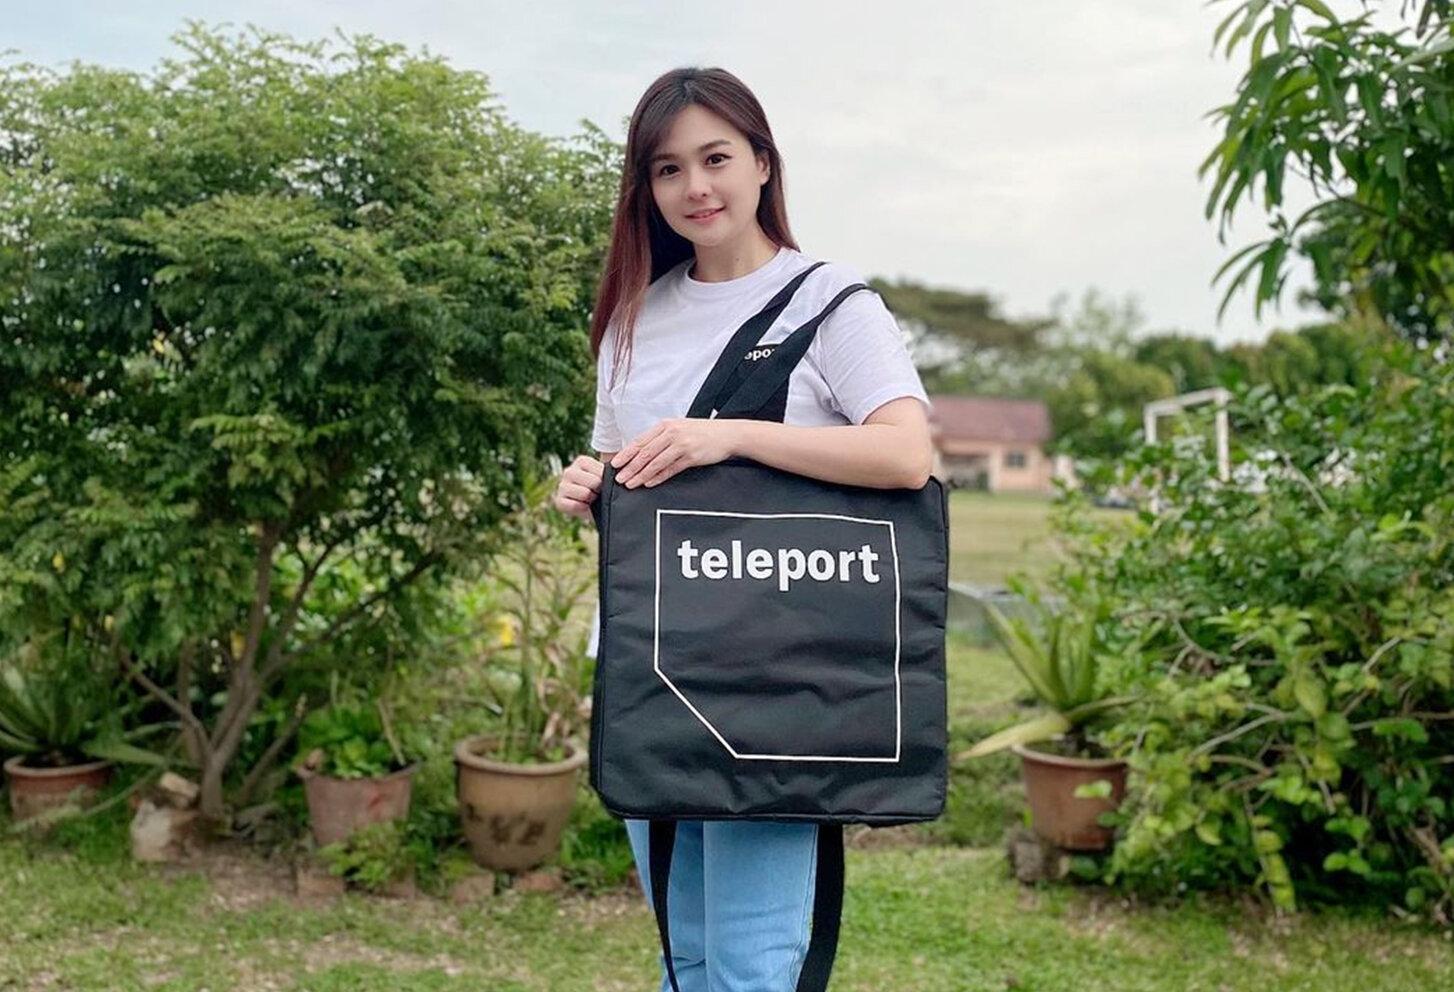 Teleport Mencari Komuniti Usahawan di Tujuh Buah Bandar di Malaysia